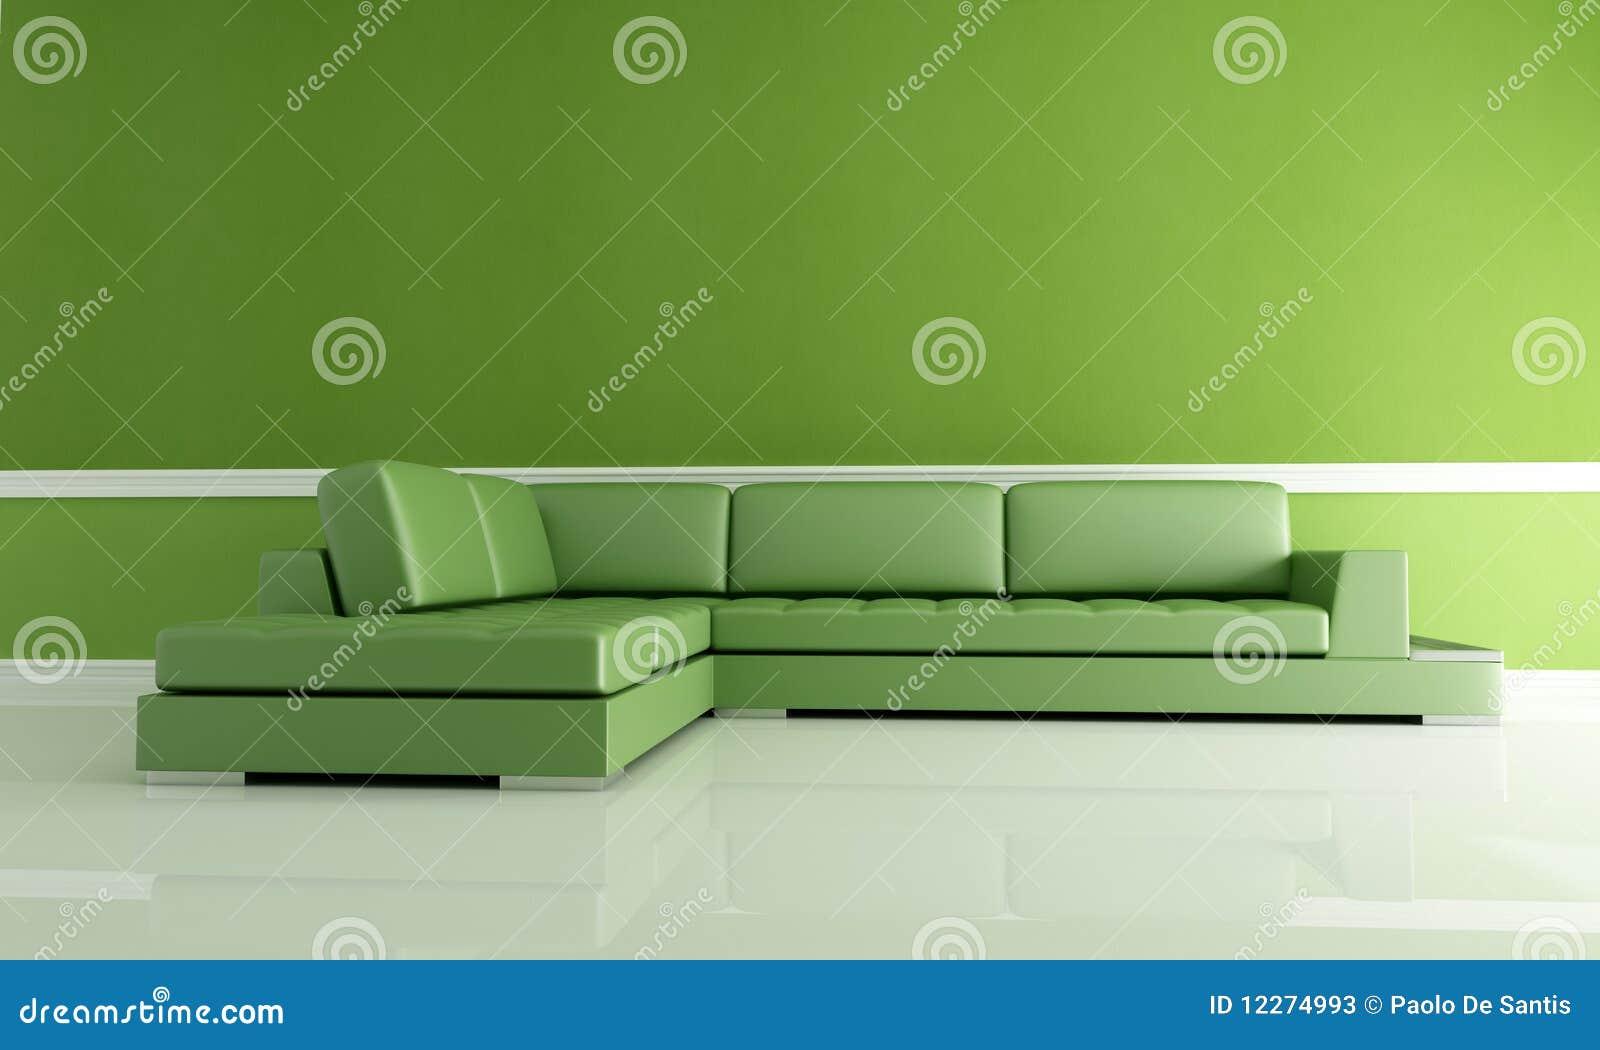 grünes wohnzimmer stockfotos - bild: 12274993, Wohnzimmer